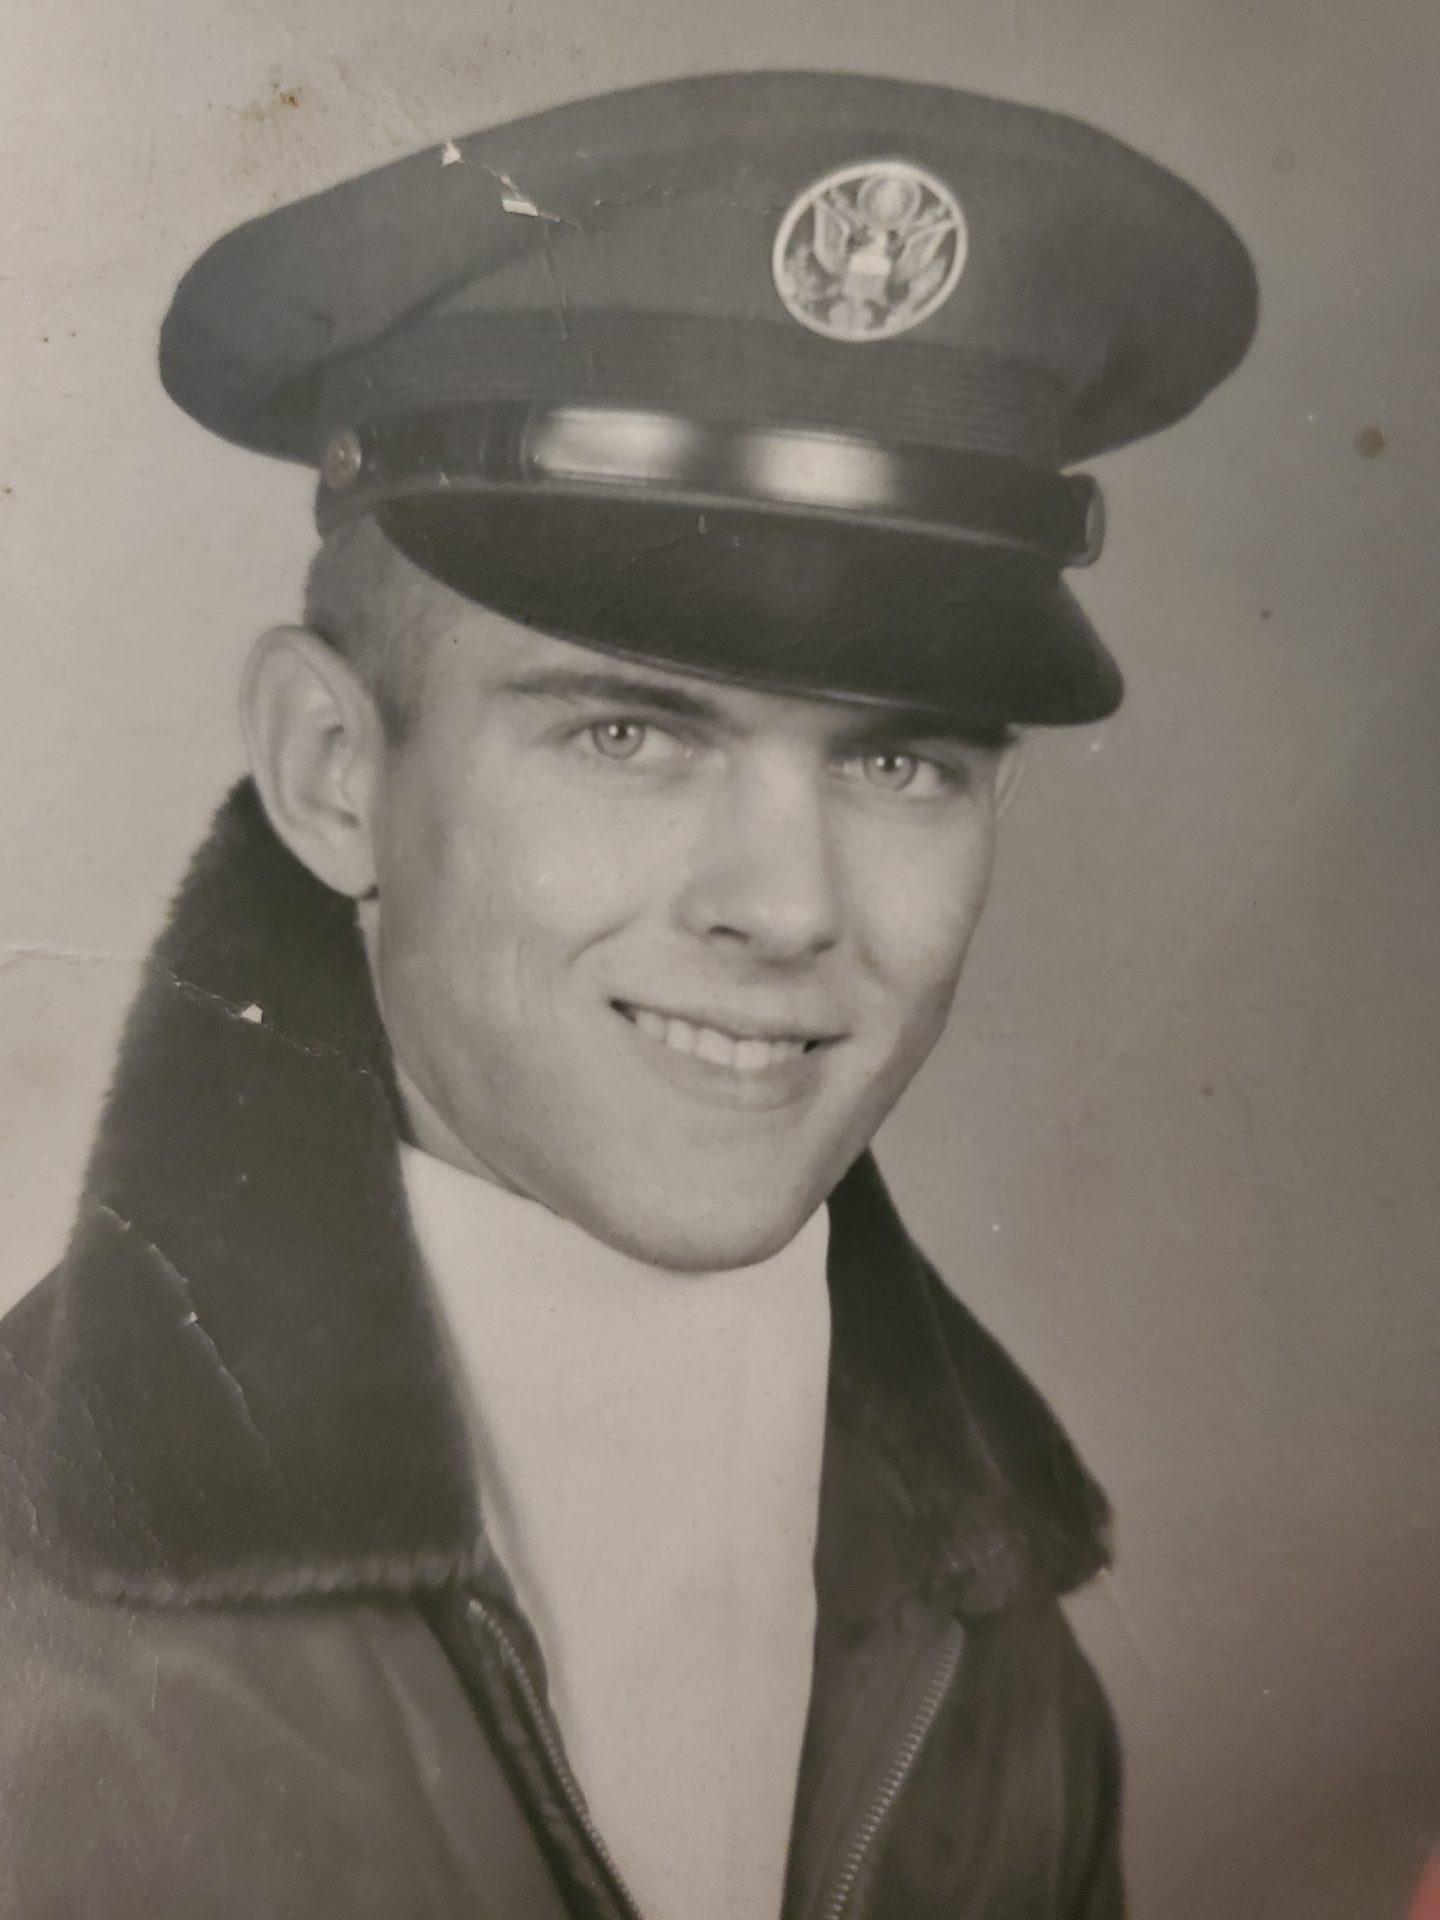 Air Force 1960